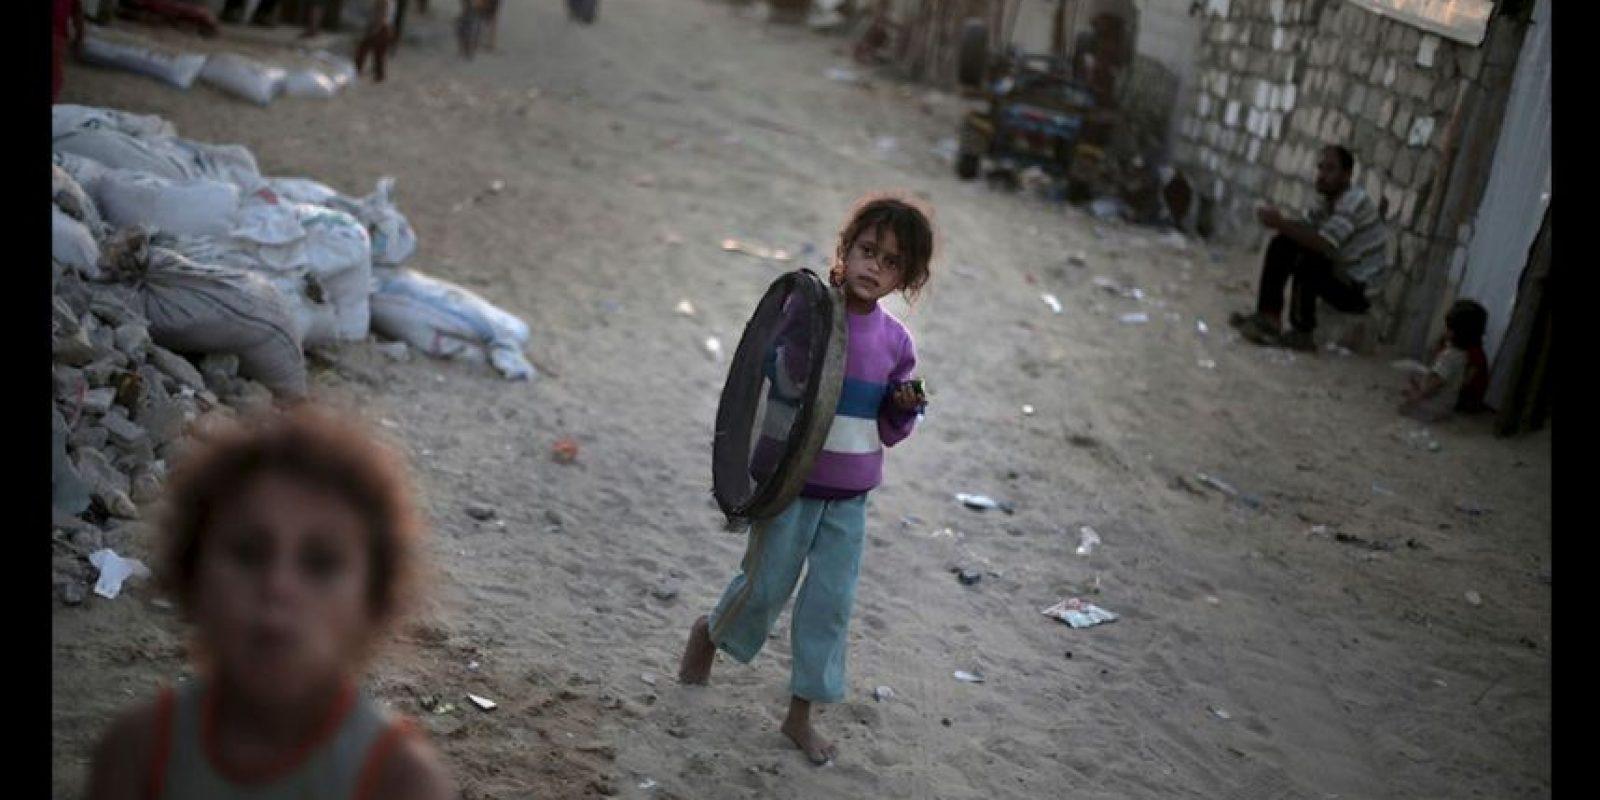 Unicef lanza tremenda alerta contra la discriminación, la desigualdad y la pobreza infantil. Foto:AP